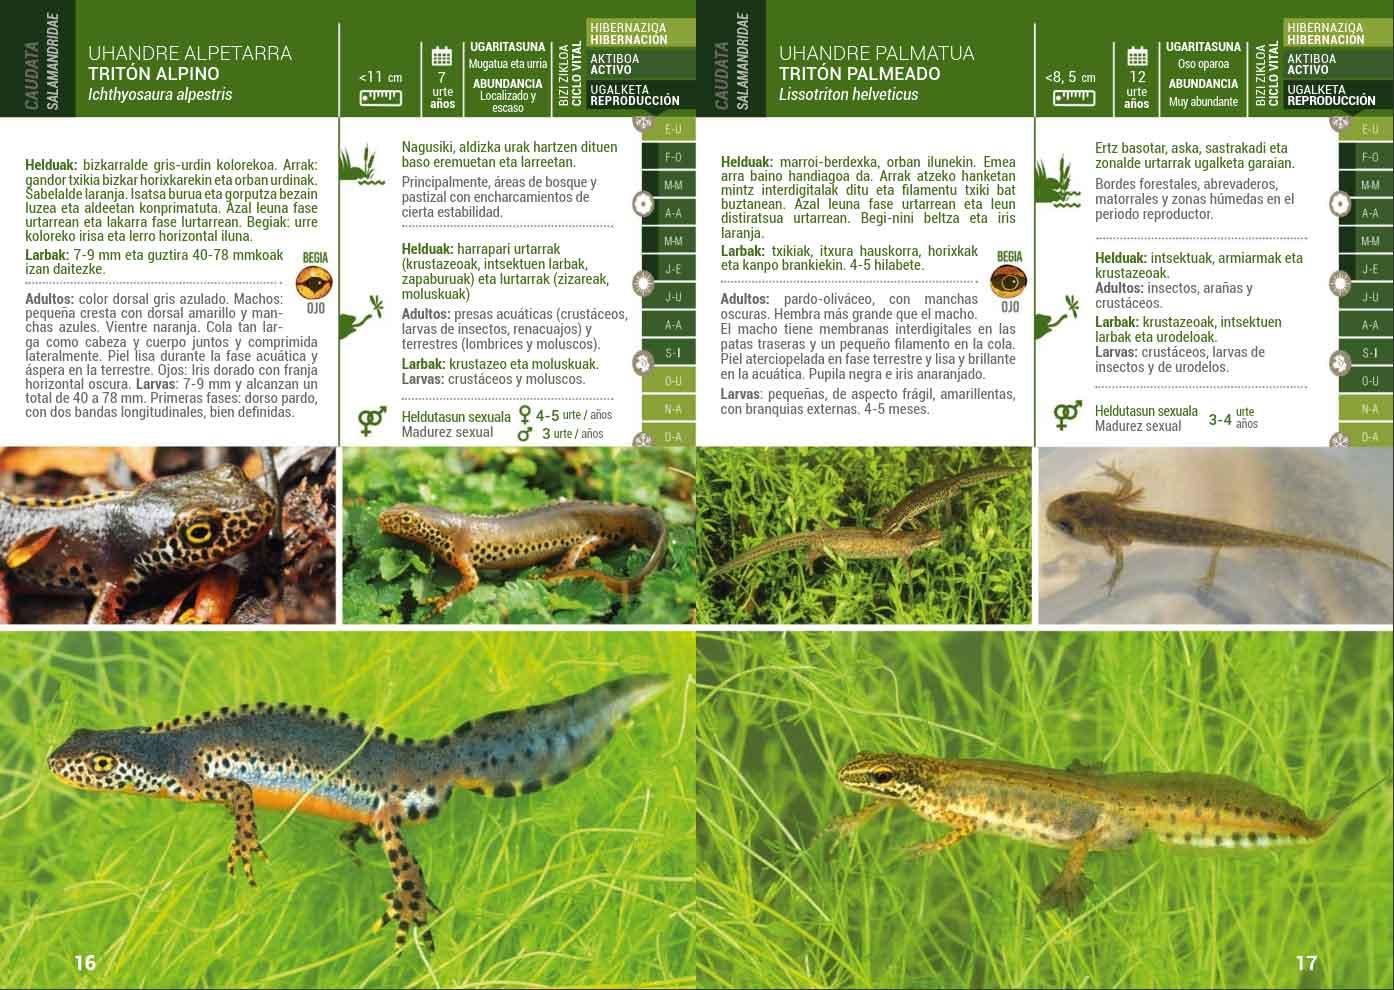 Reptiles-Lurgaia-1